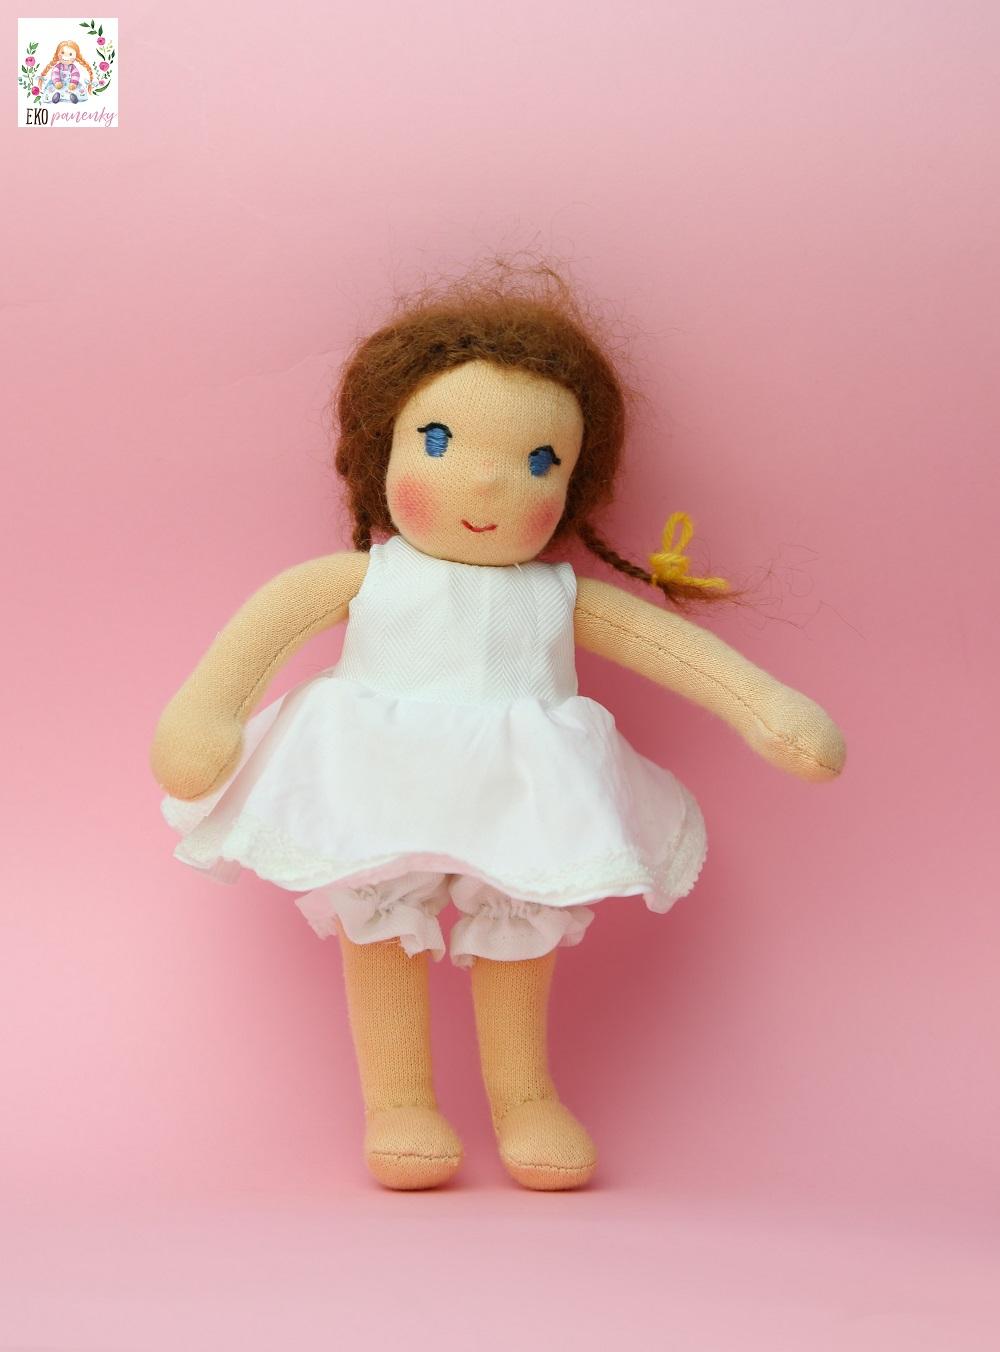 Waldorfská panenka v nových šatech